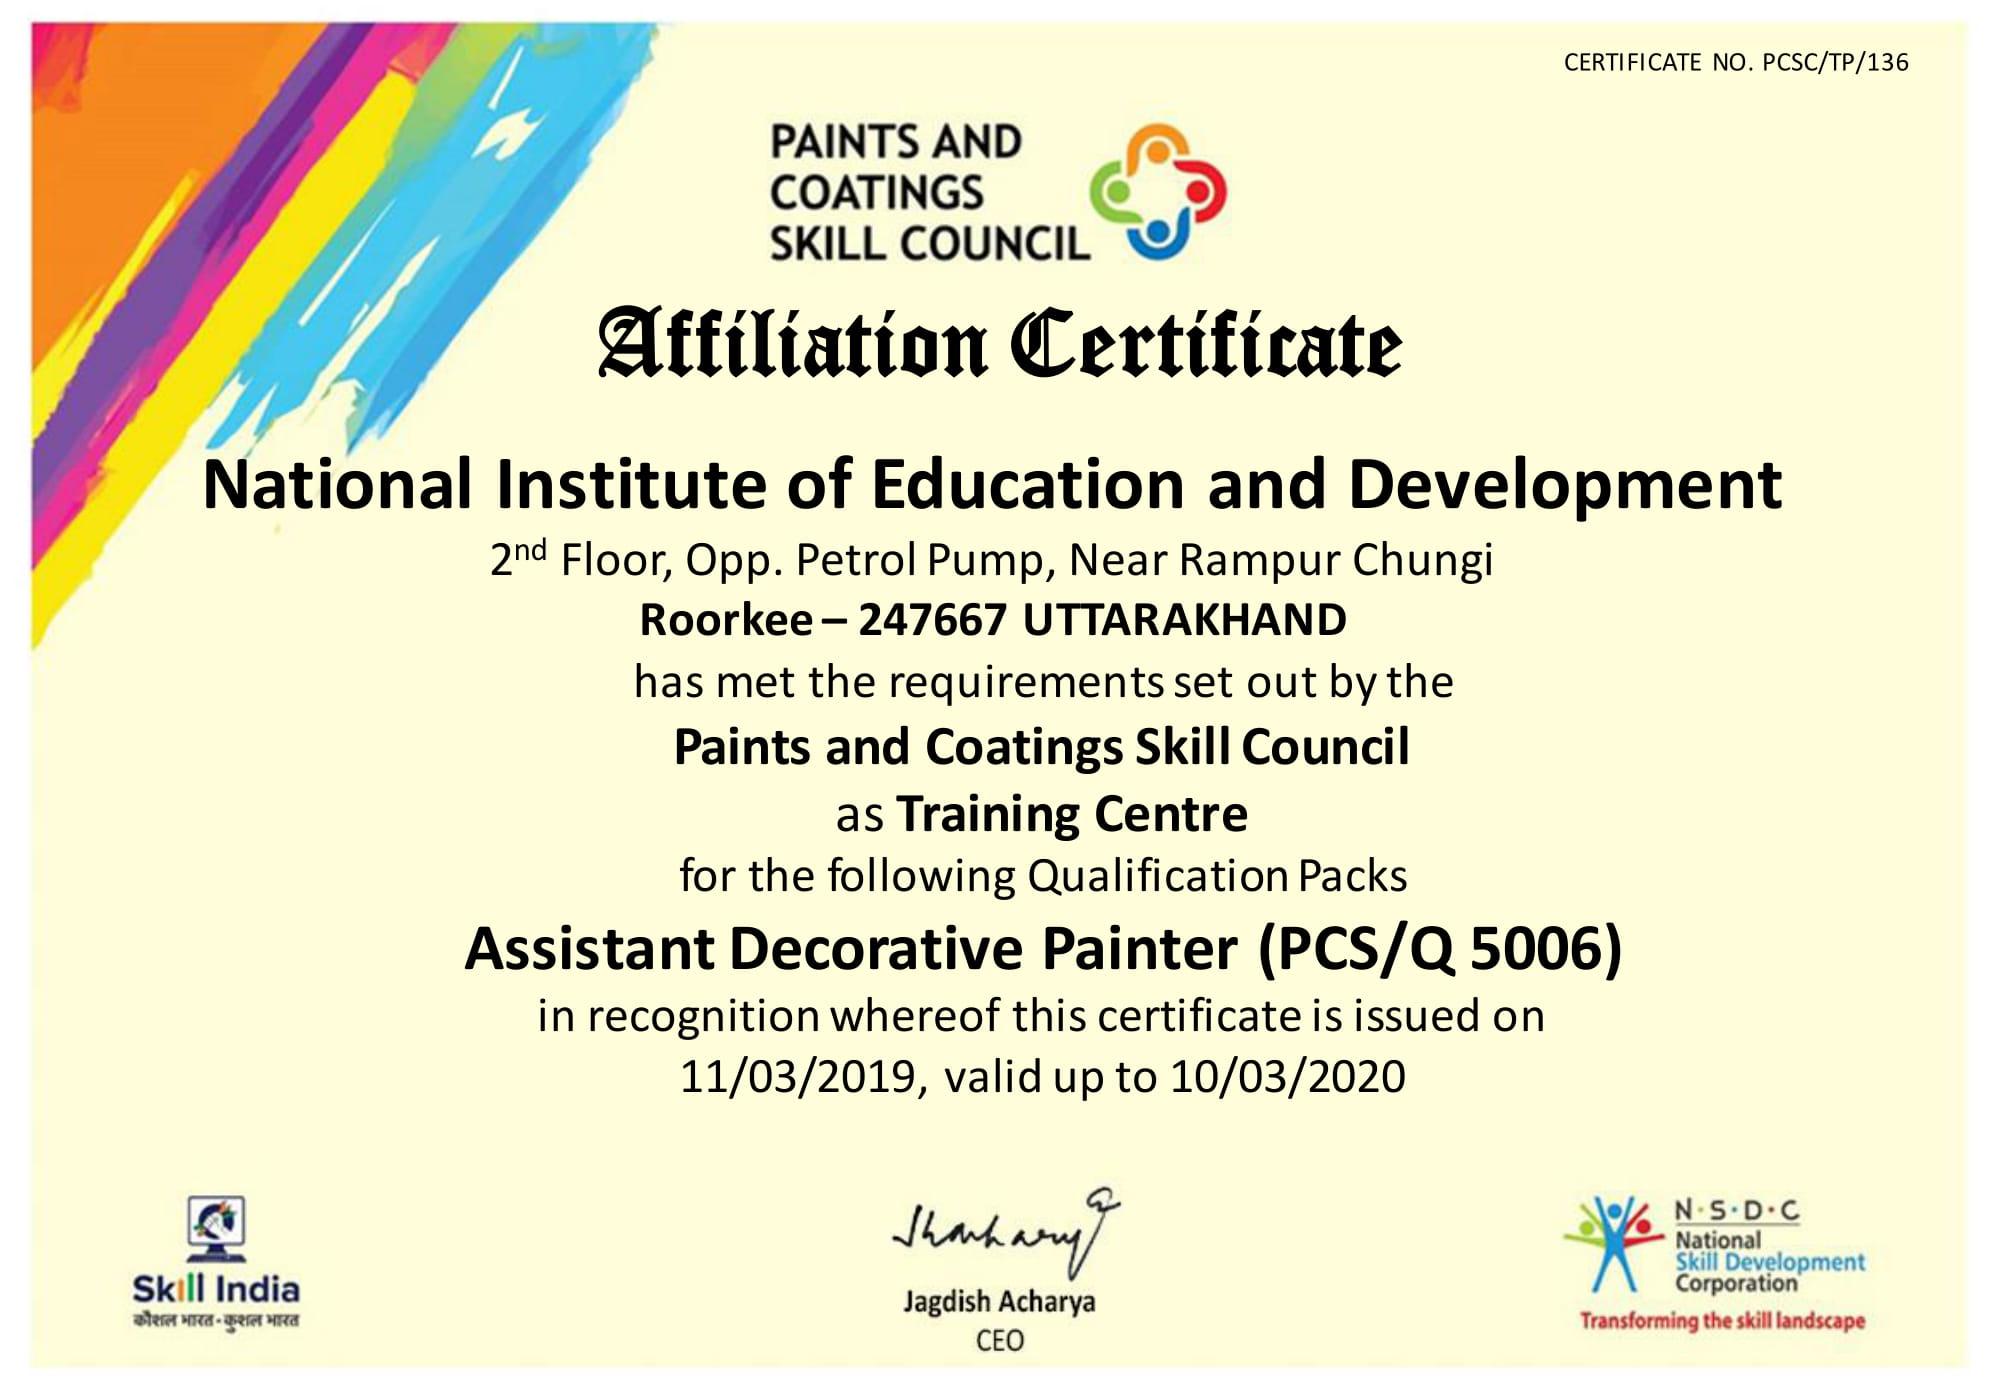 PCSC Affiliation Certificate